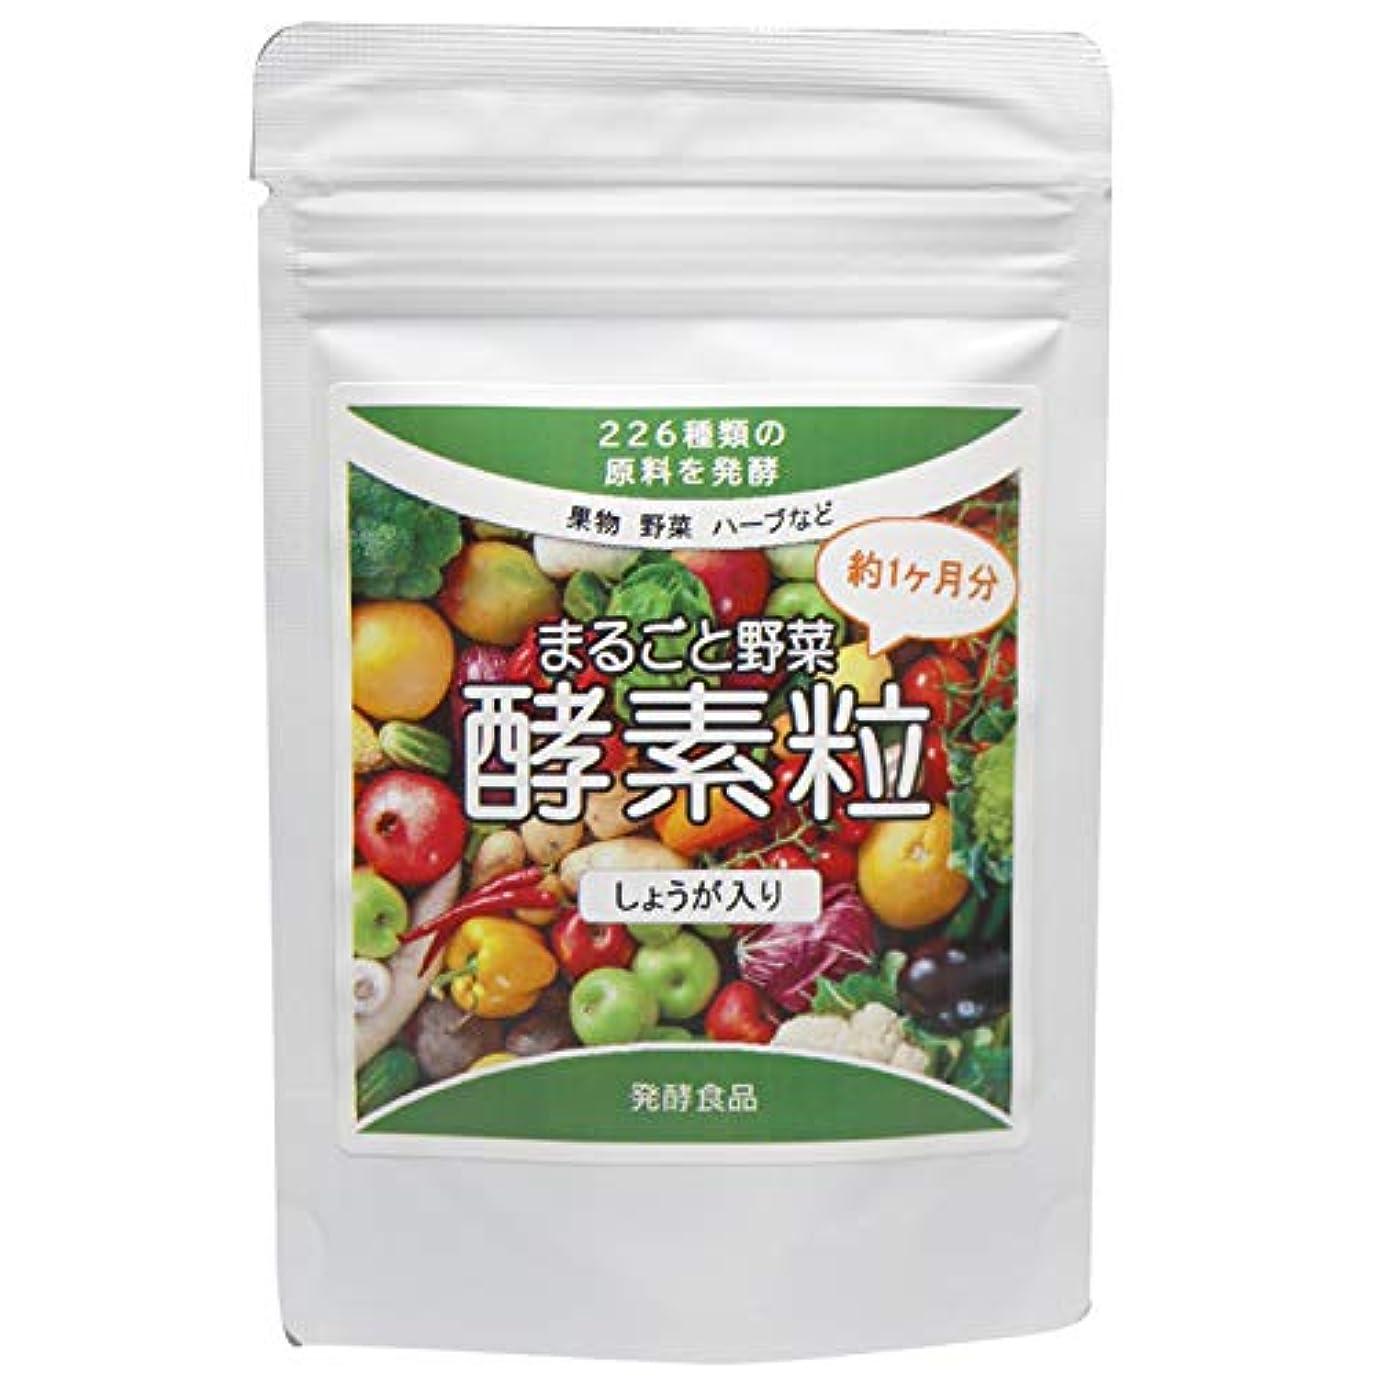 グレー忌避剤不公平まるごと野菜酵素粒 226種類の野菜発酵(しょうが入り) 約4ヶ月分 (440mg×120粒)